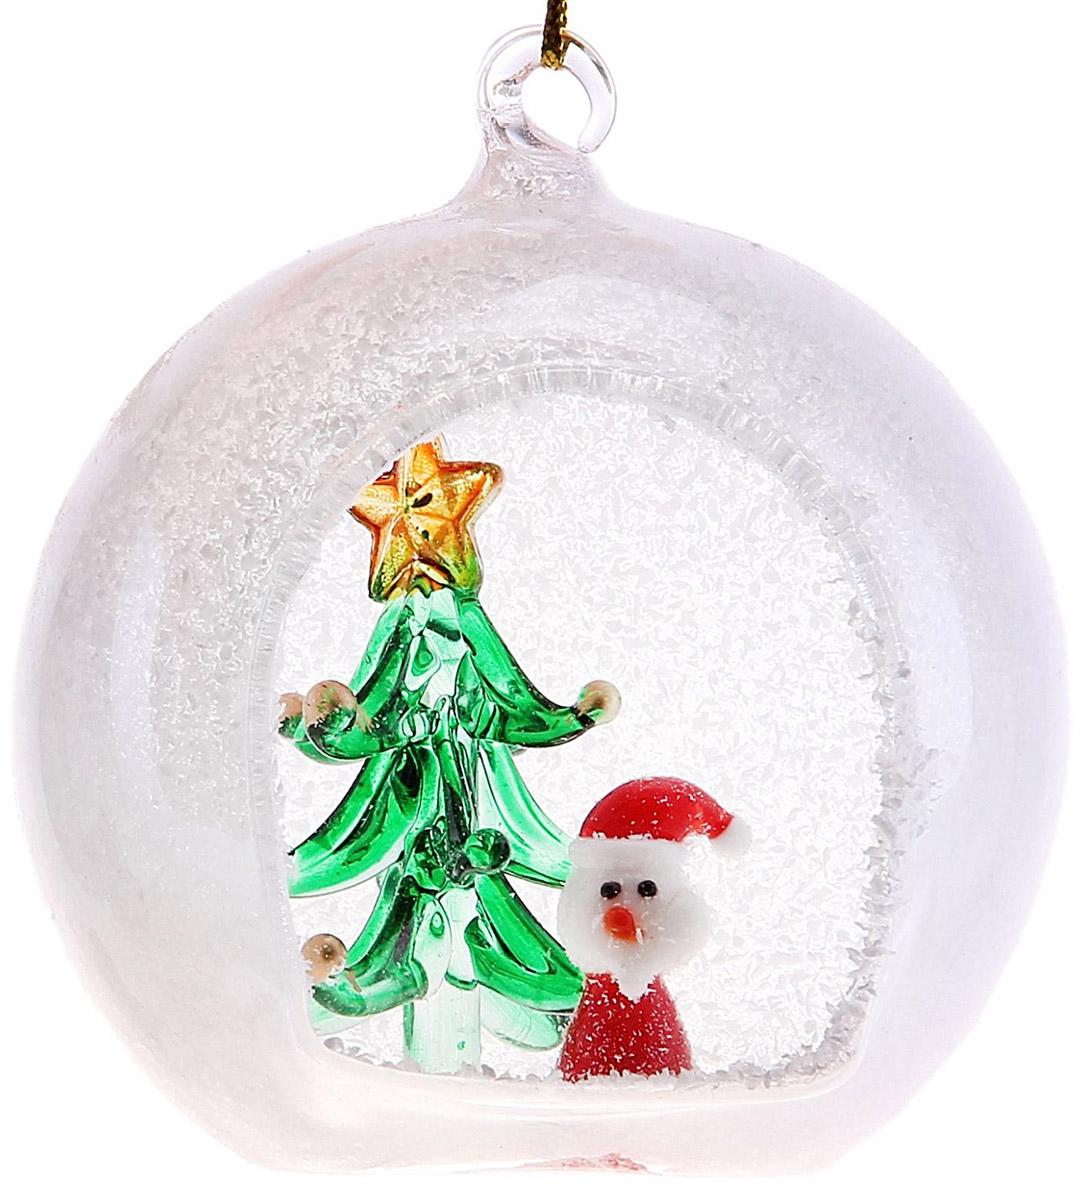 Новогоднее подвесное украшение Sima-land Дед Мороз у елочки в шаре, 7 х 7,5 х 8 см726631Новогоднее украшение Sima-land отлично подойдет для декорации вашего дома и новогодней ели. Елочная игрушка - символ Нового года. Она несет в себе волшебство и красоту праздника. Такое украшение создаст в вашем доме атмосферу праздника, веселья и радости.